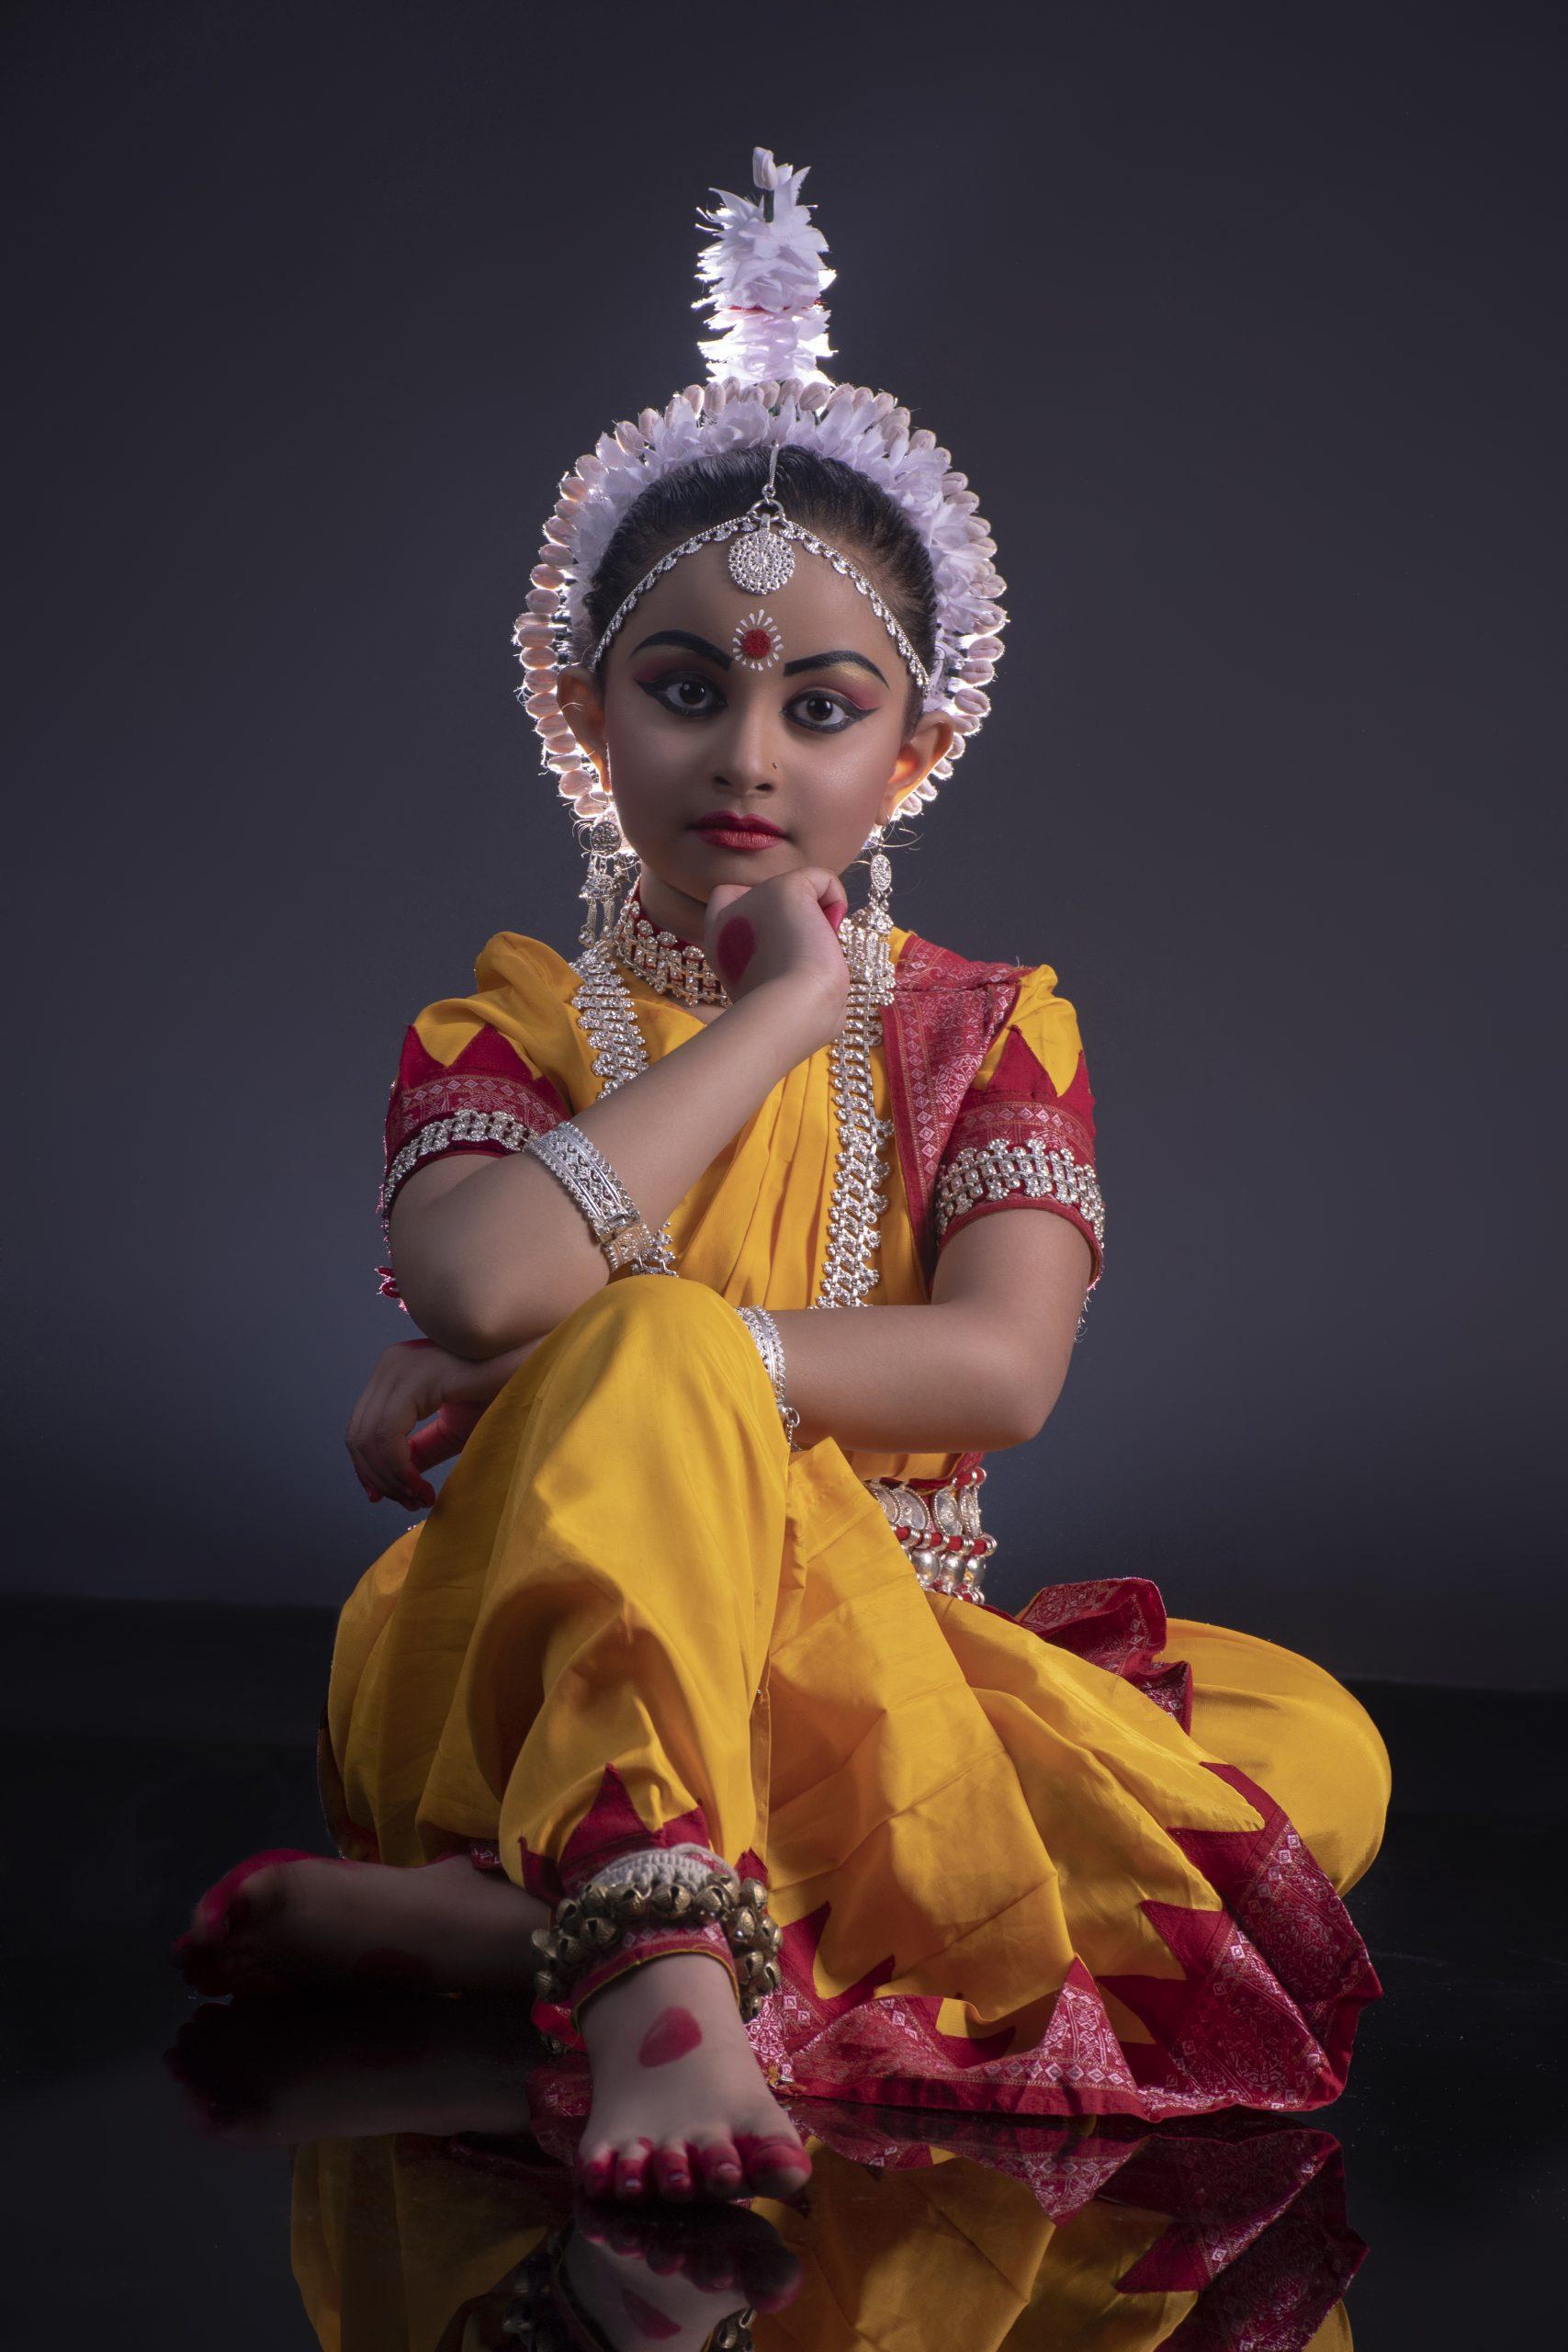 Cute Odessa Dancer